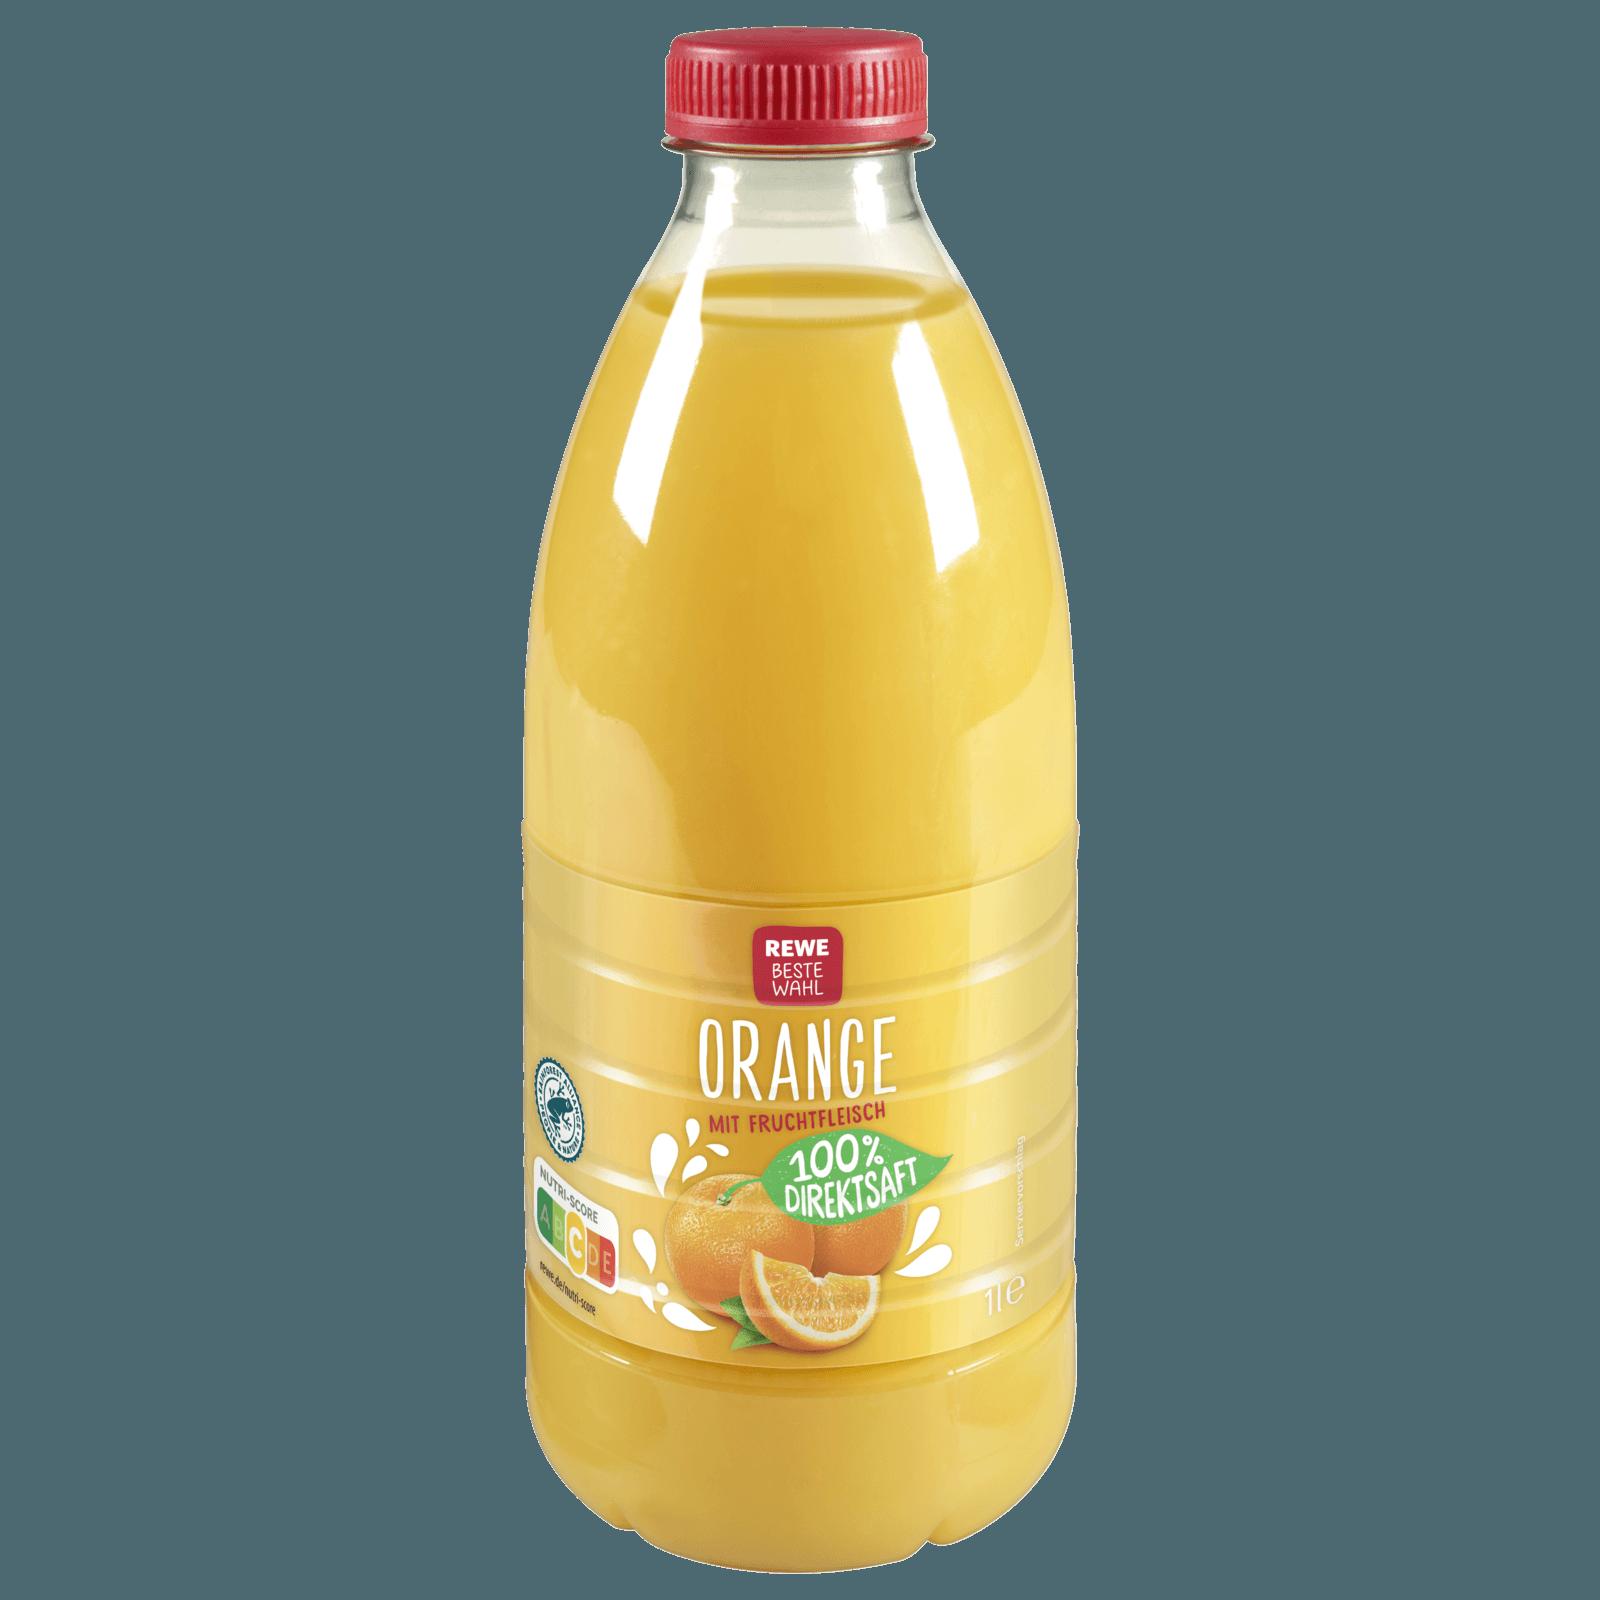 REWE Beste Wahl Kühlfrische Orange 1l